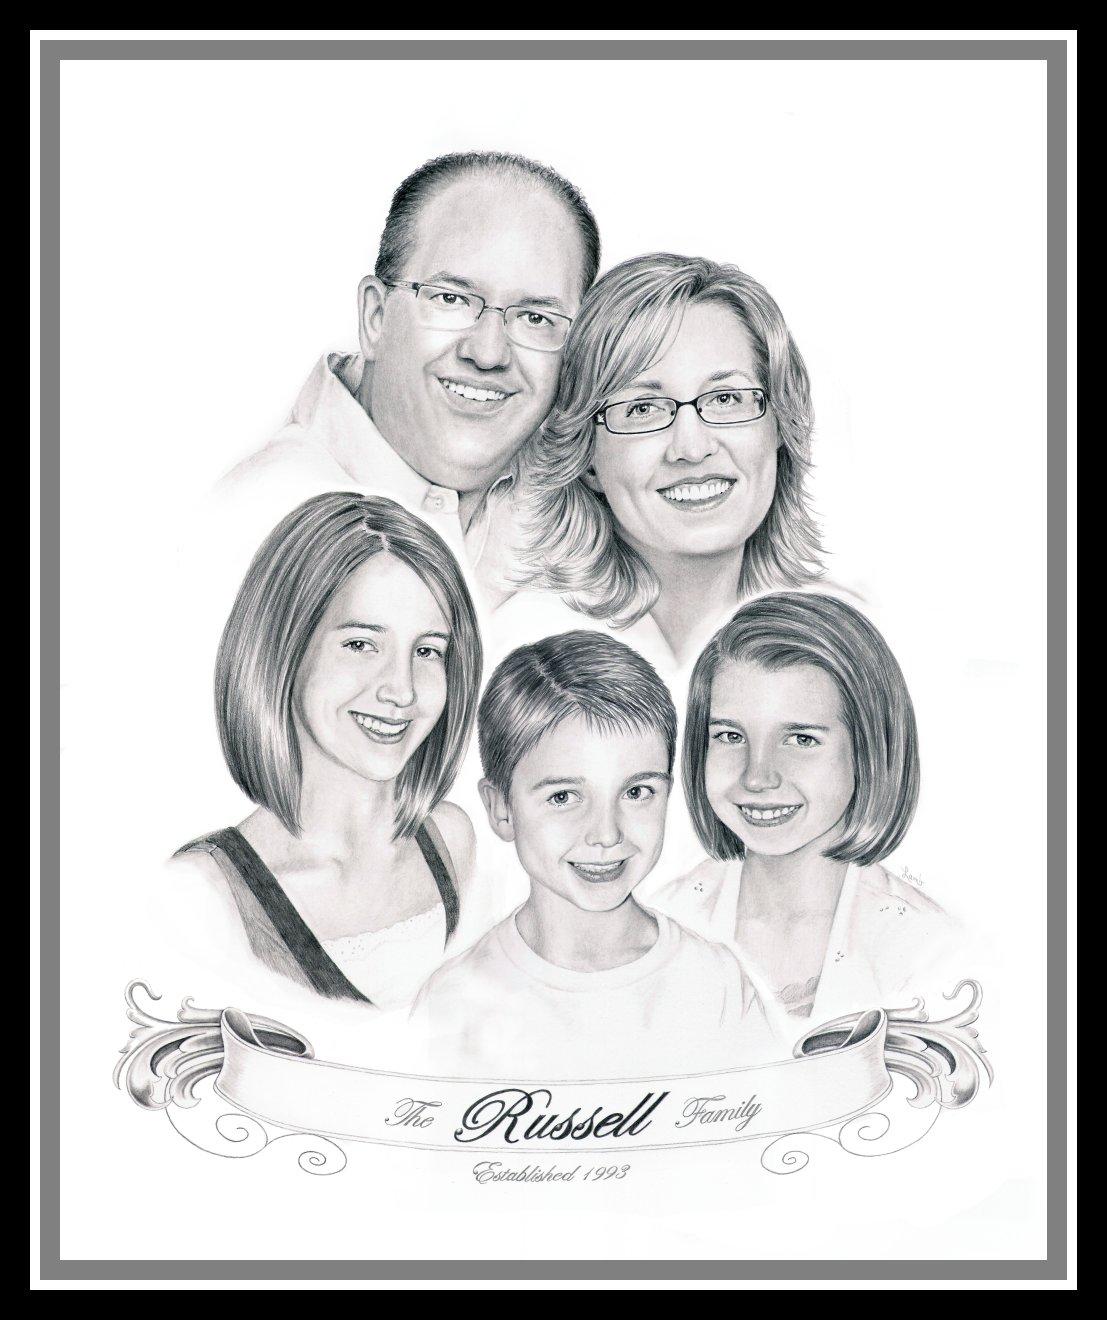 Drawn portrait family Debbie: recent becomes five lot